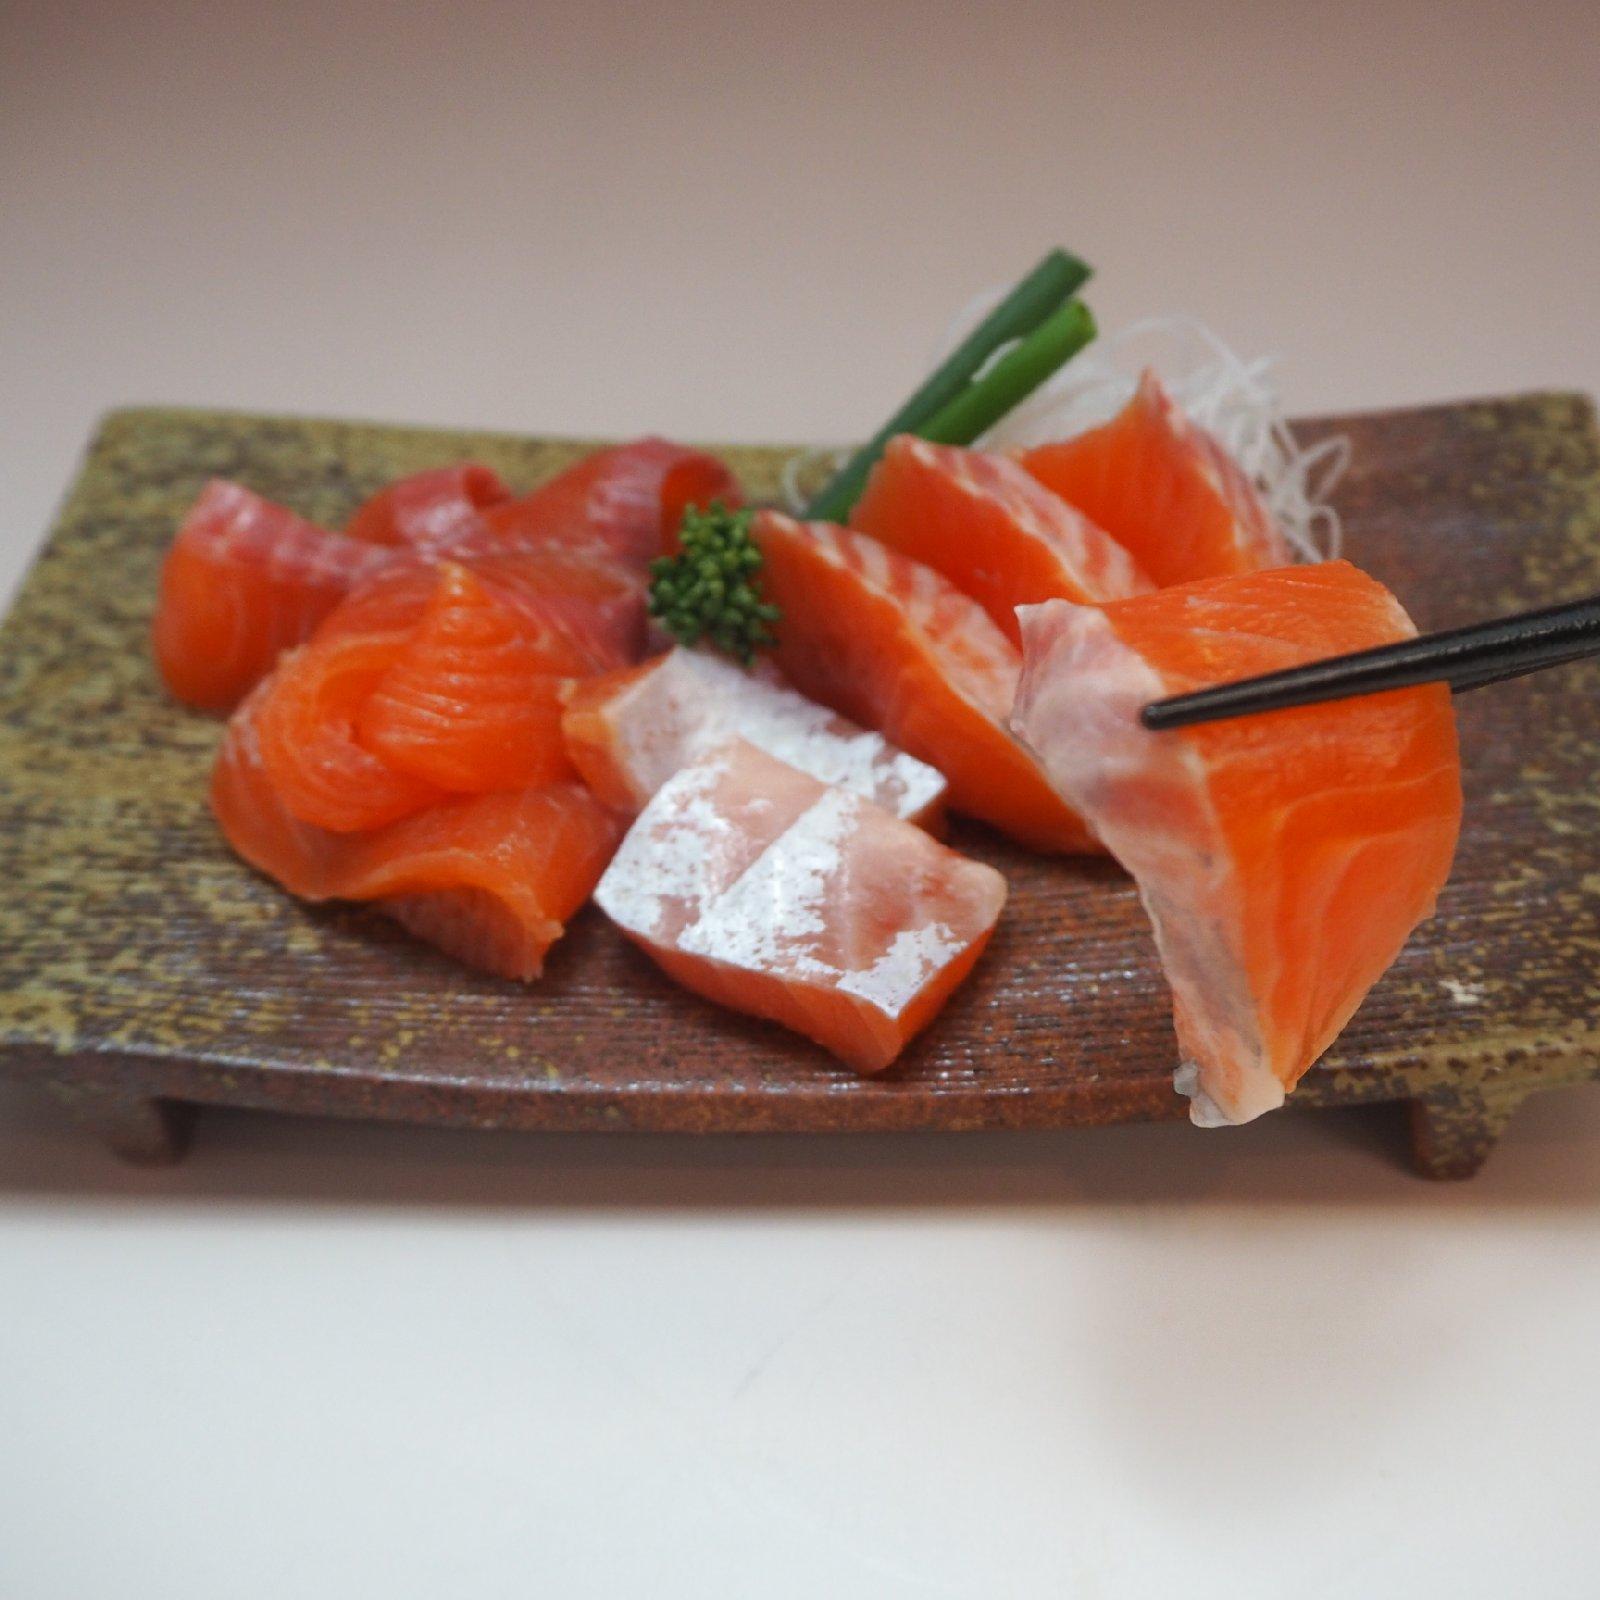 [訳あり]マス刺身用フィレー(サイズ規格外)3kg(8枚) 3kg(8枚) 魚介類/鮭通販